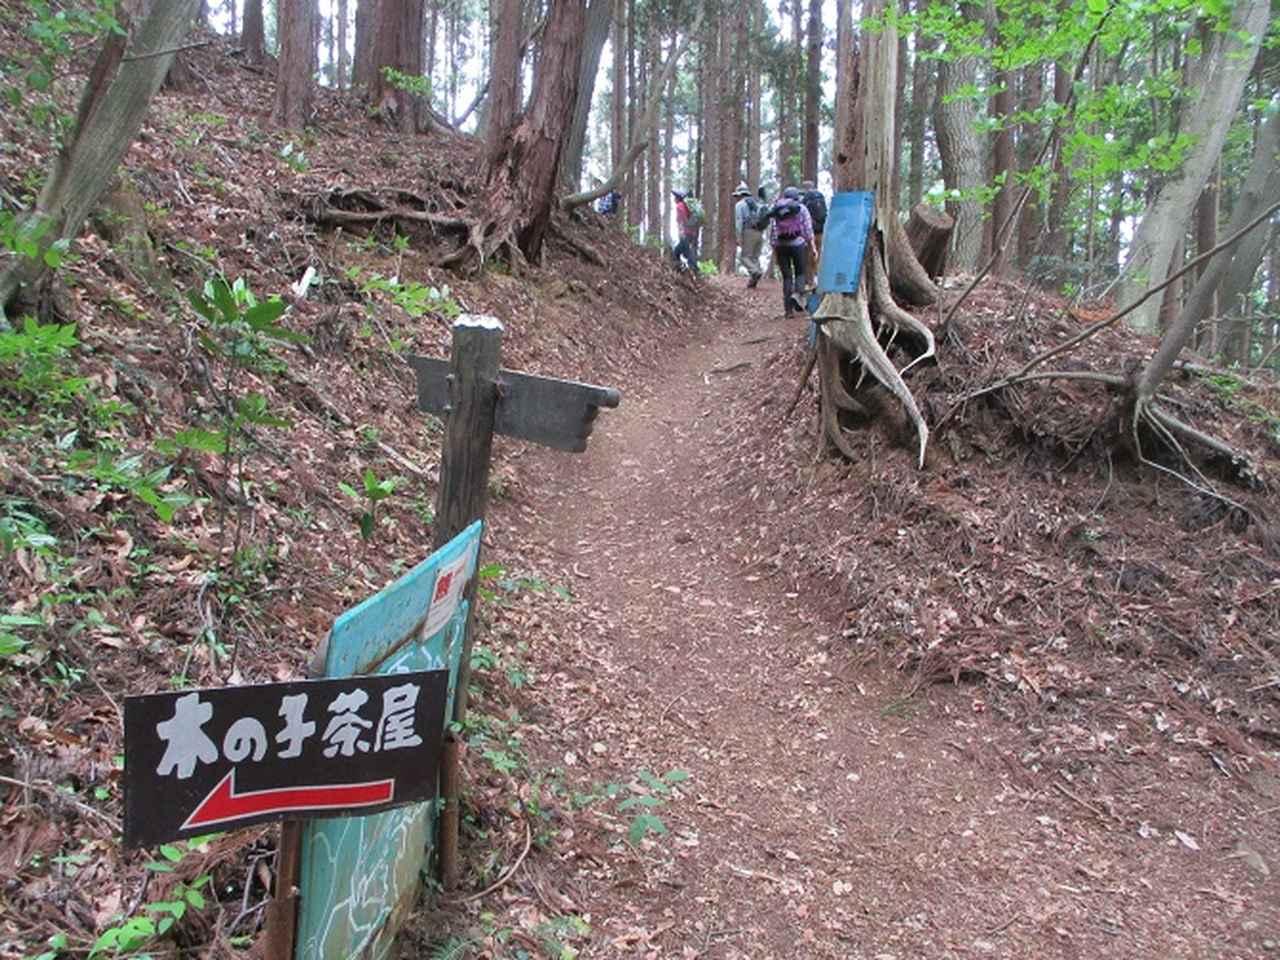 画像2: 5月7日に山旅会 「秩父丸山」 ツアーに行ってきました!